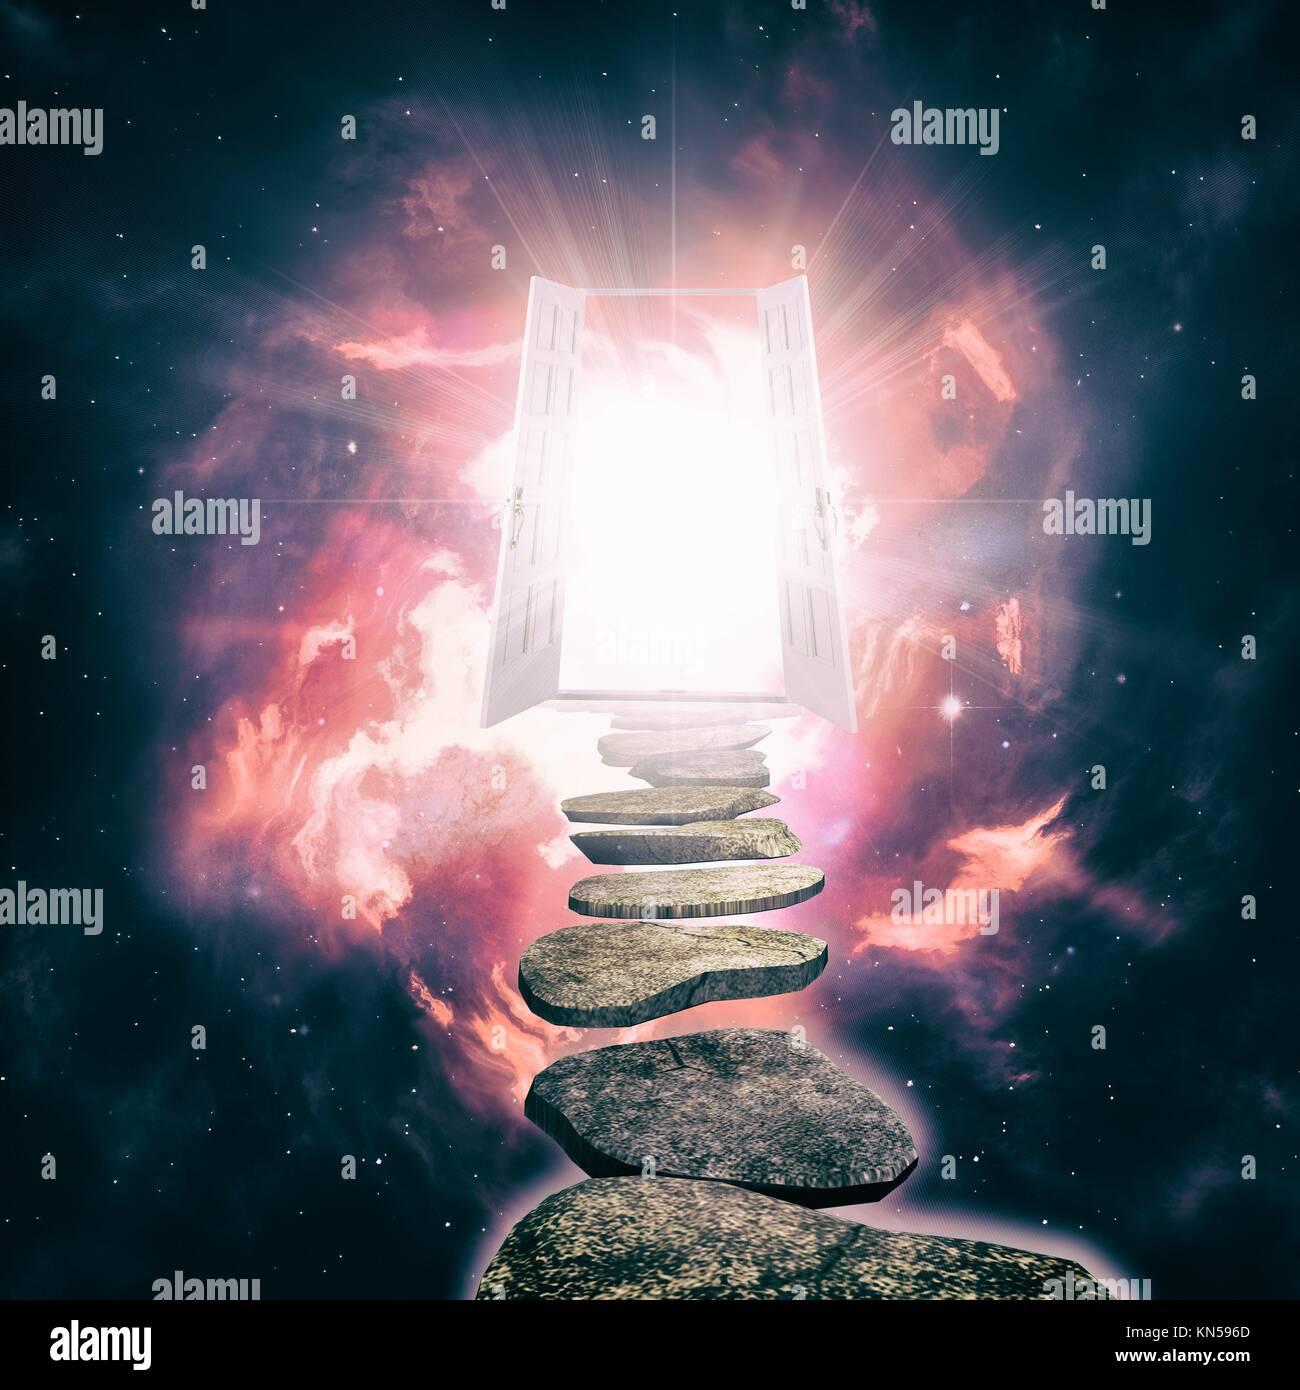 Tür zu einer anderen Wirklichkeit öffnen, abstrakte ethereal Hintergründe. Stockbild